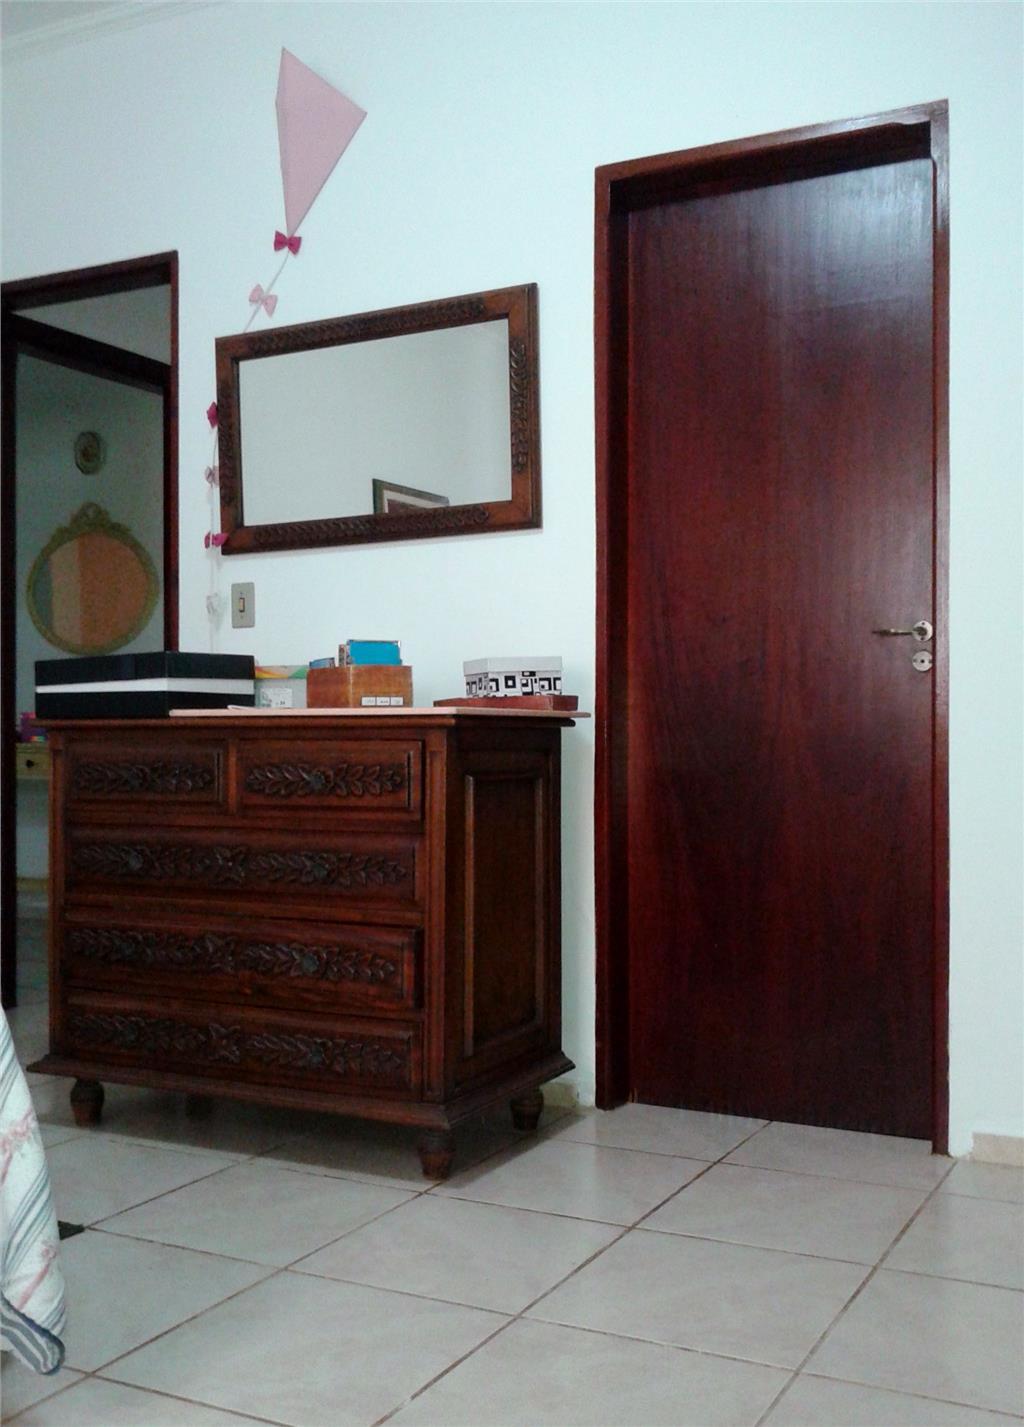 Chácara 3 Dorm, Loteamento Chácaras Vale das Garças, Campinas - Foto 6